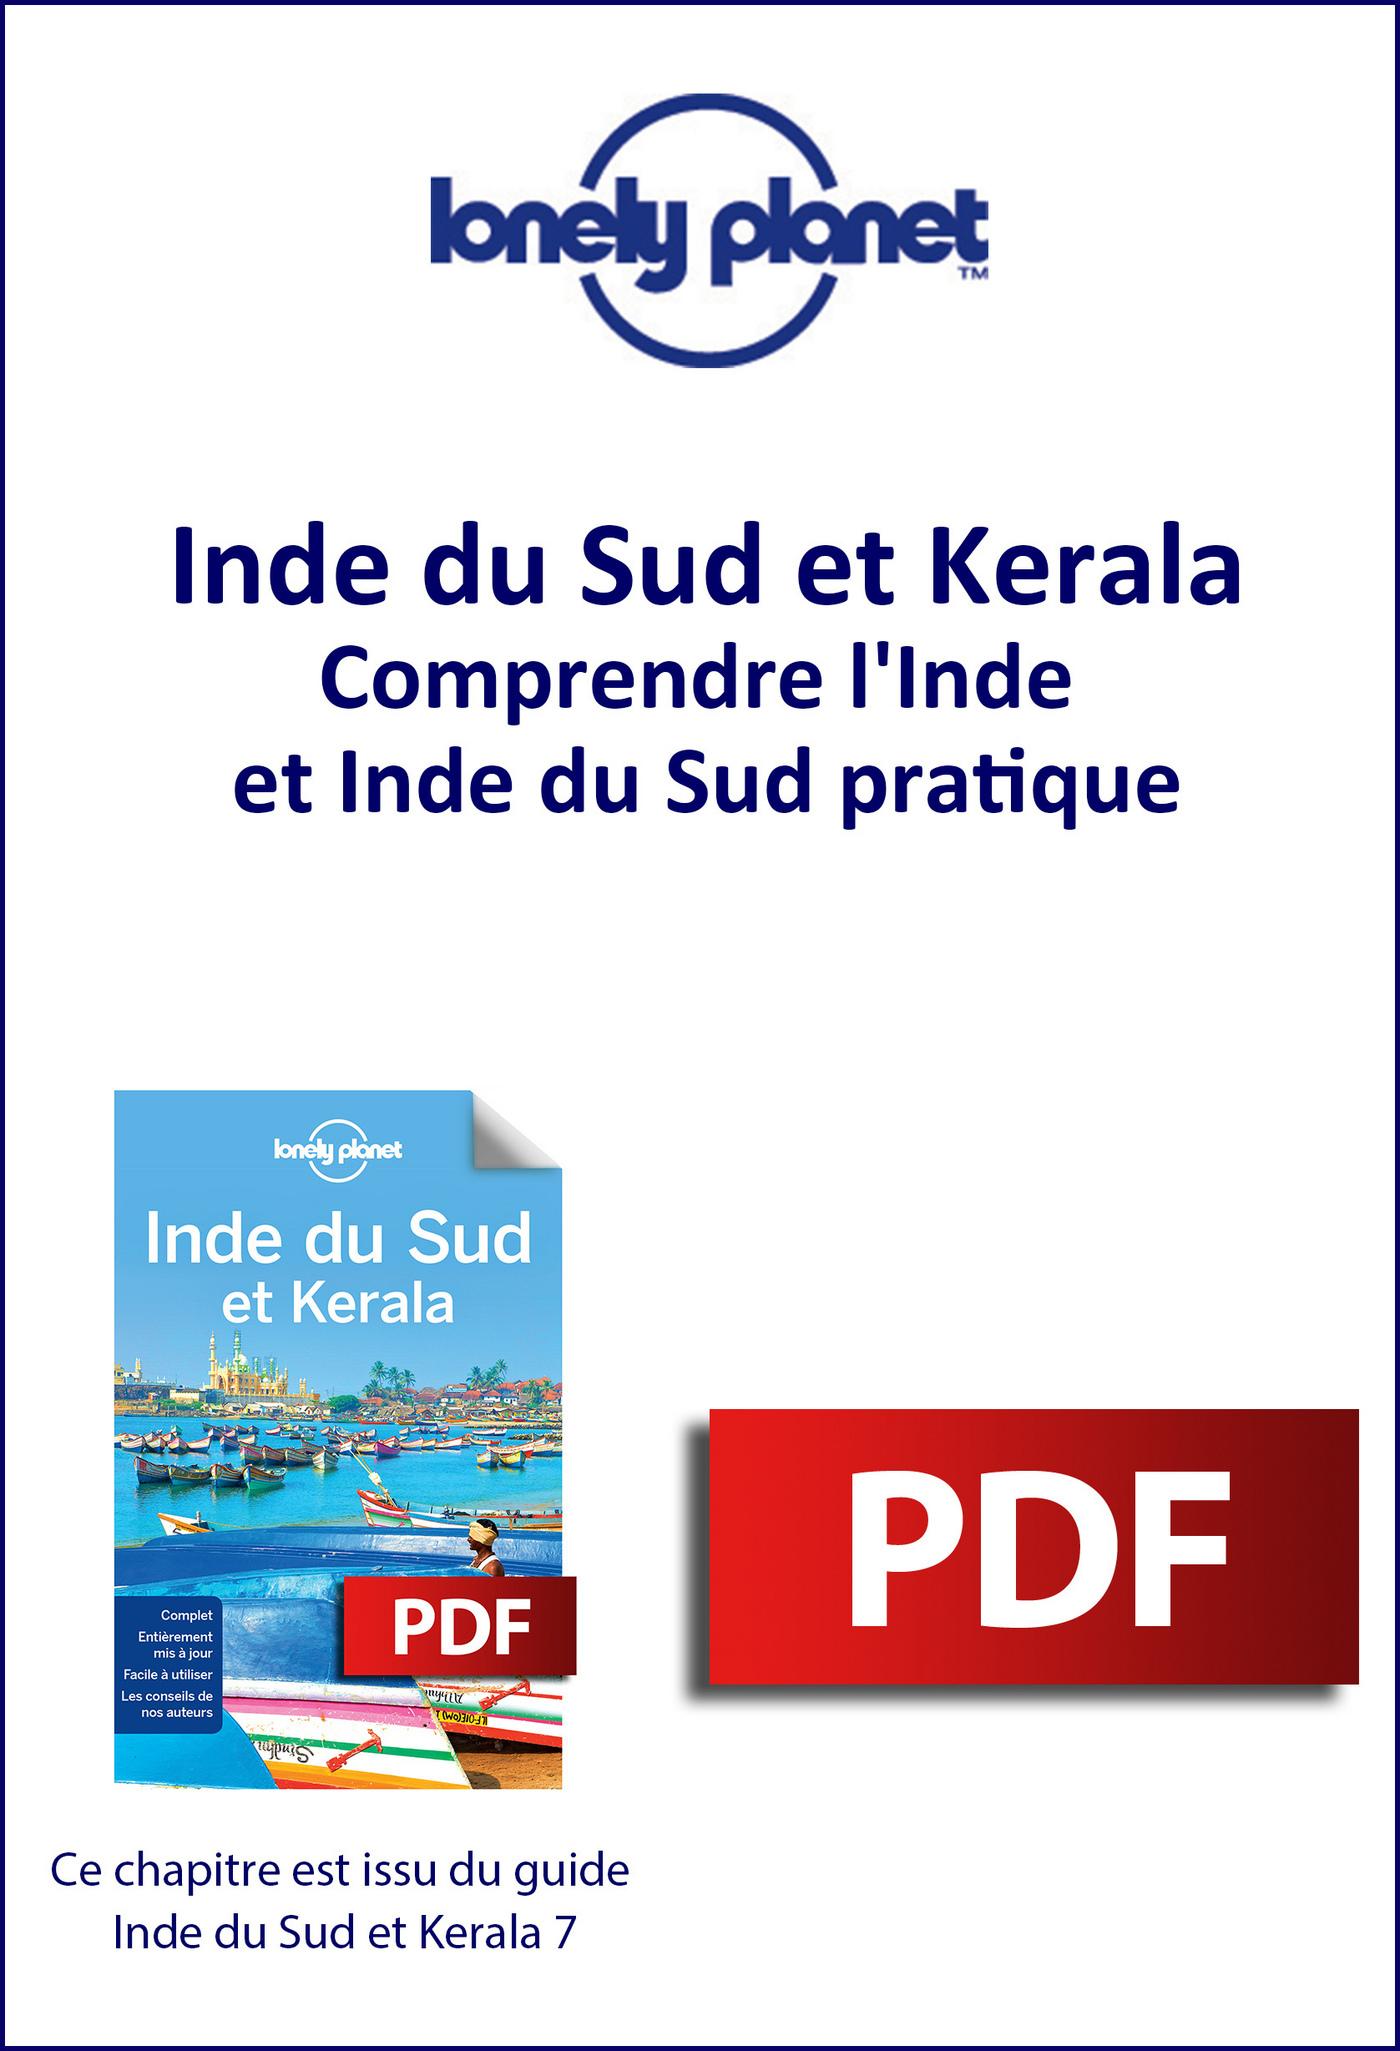 Inde du Sud - Comprendre l'Inde et Inde du Sud pratique